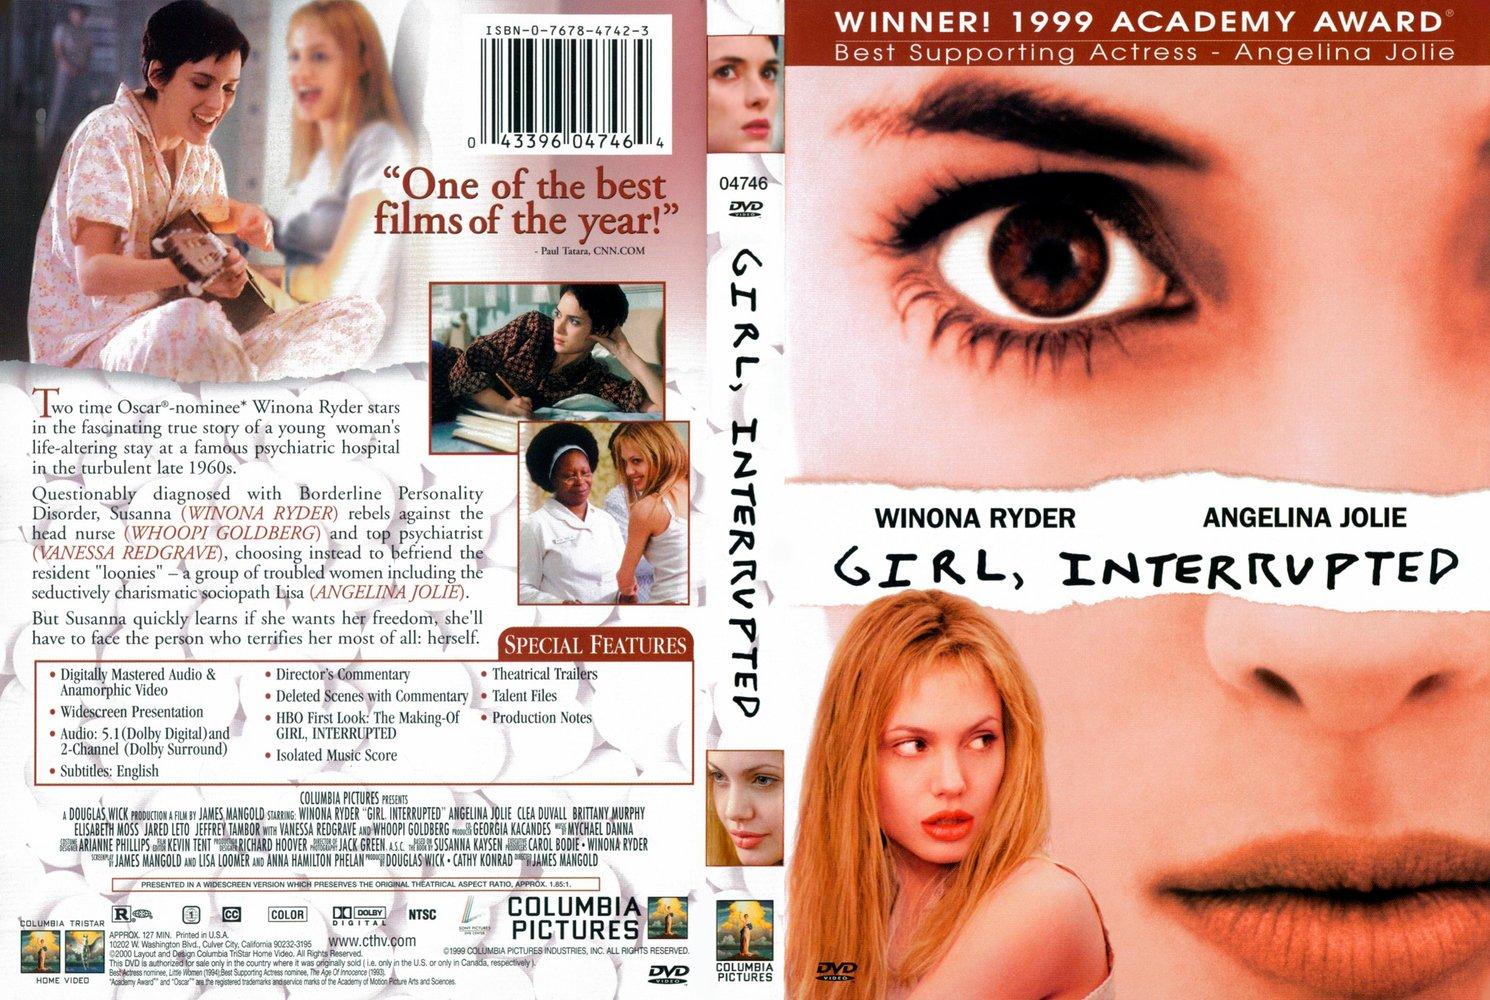 http://4.bp.blogspot.com/-QnDpEmNytp0/T38lKfItKMI/AAAAAAAABHU/1k8ME_JOGUk/s1600/Girl_Interrupted-%5Bcdcovers_cc%5D-front.jpg